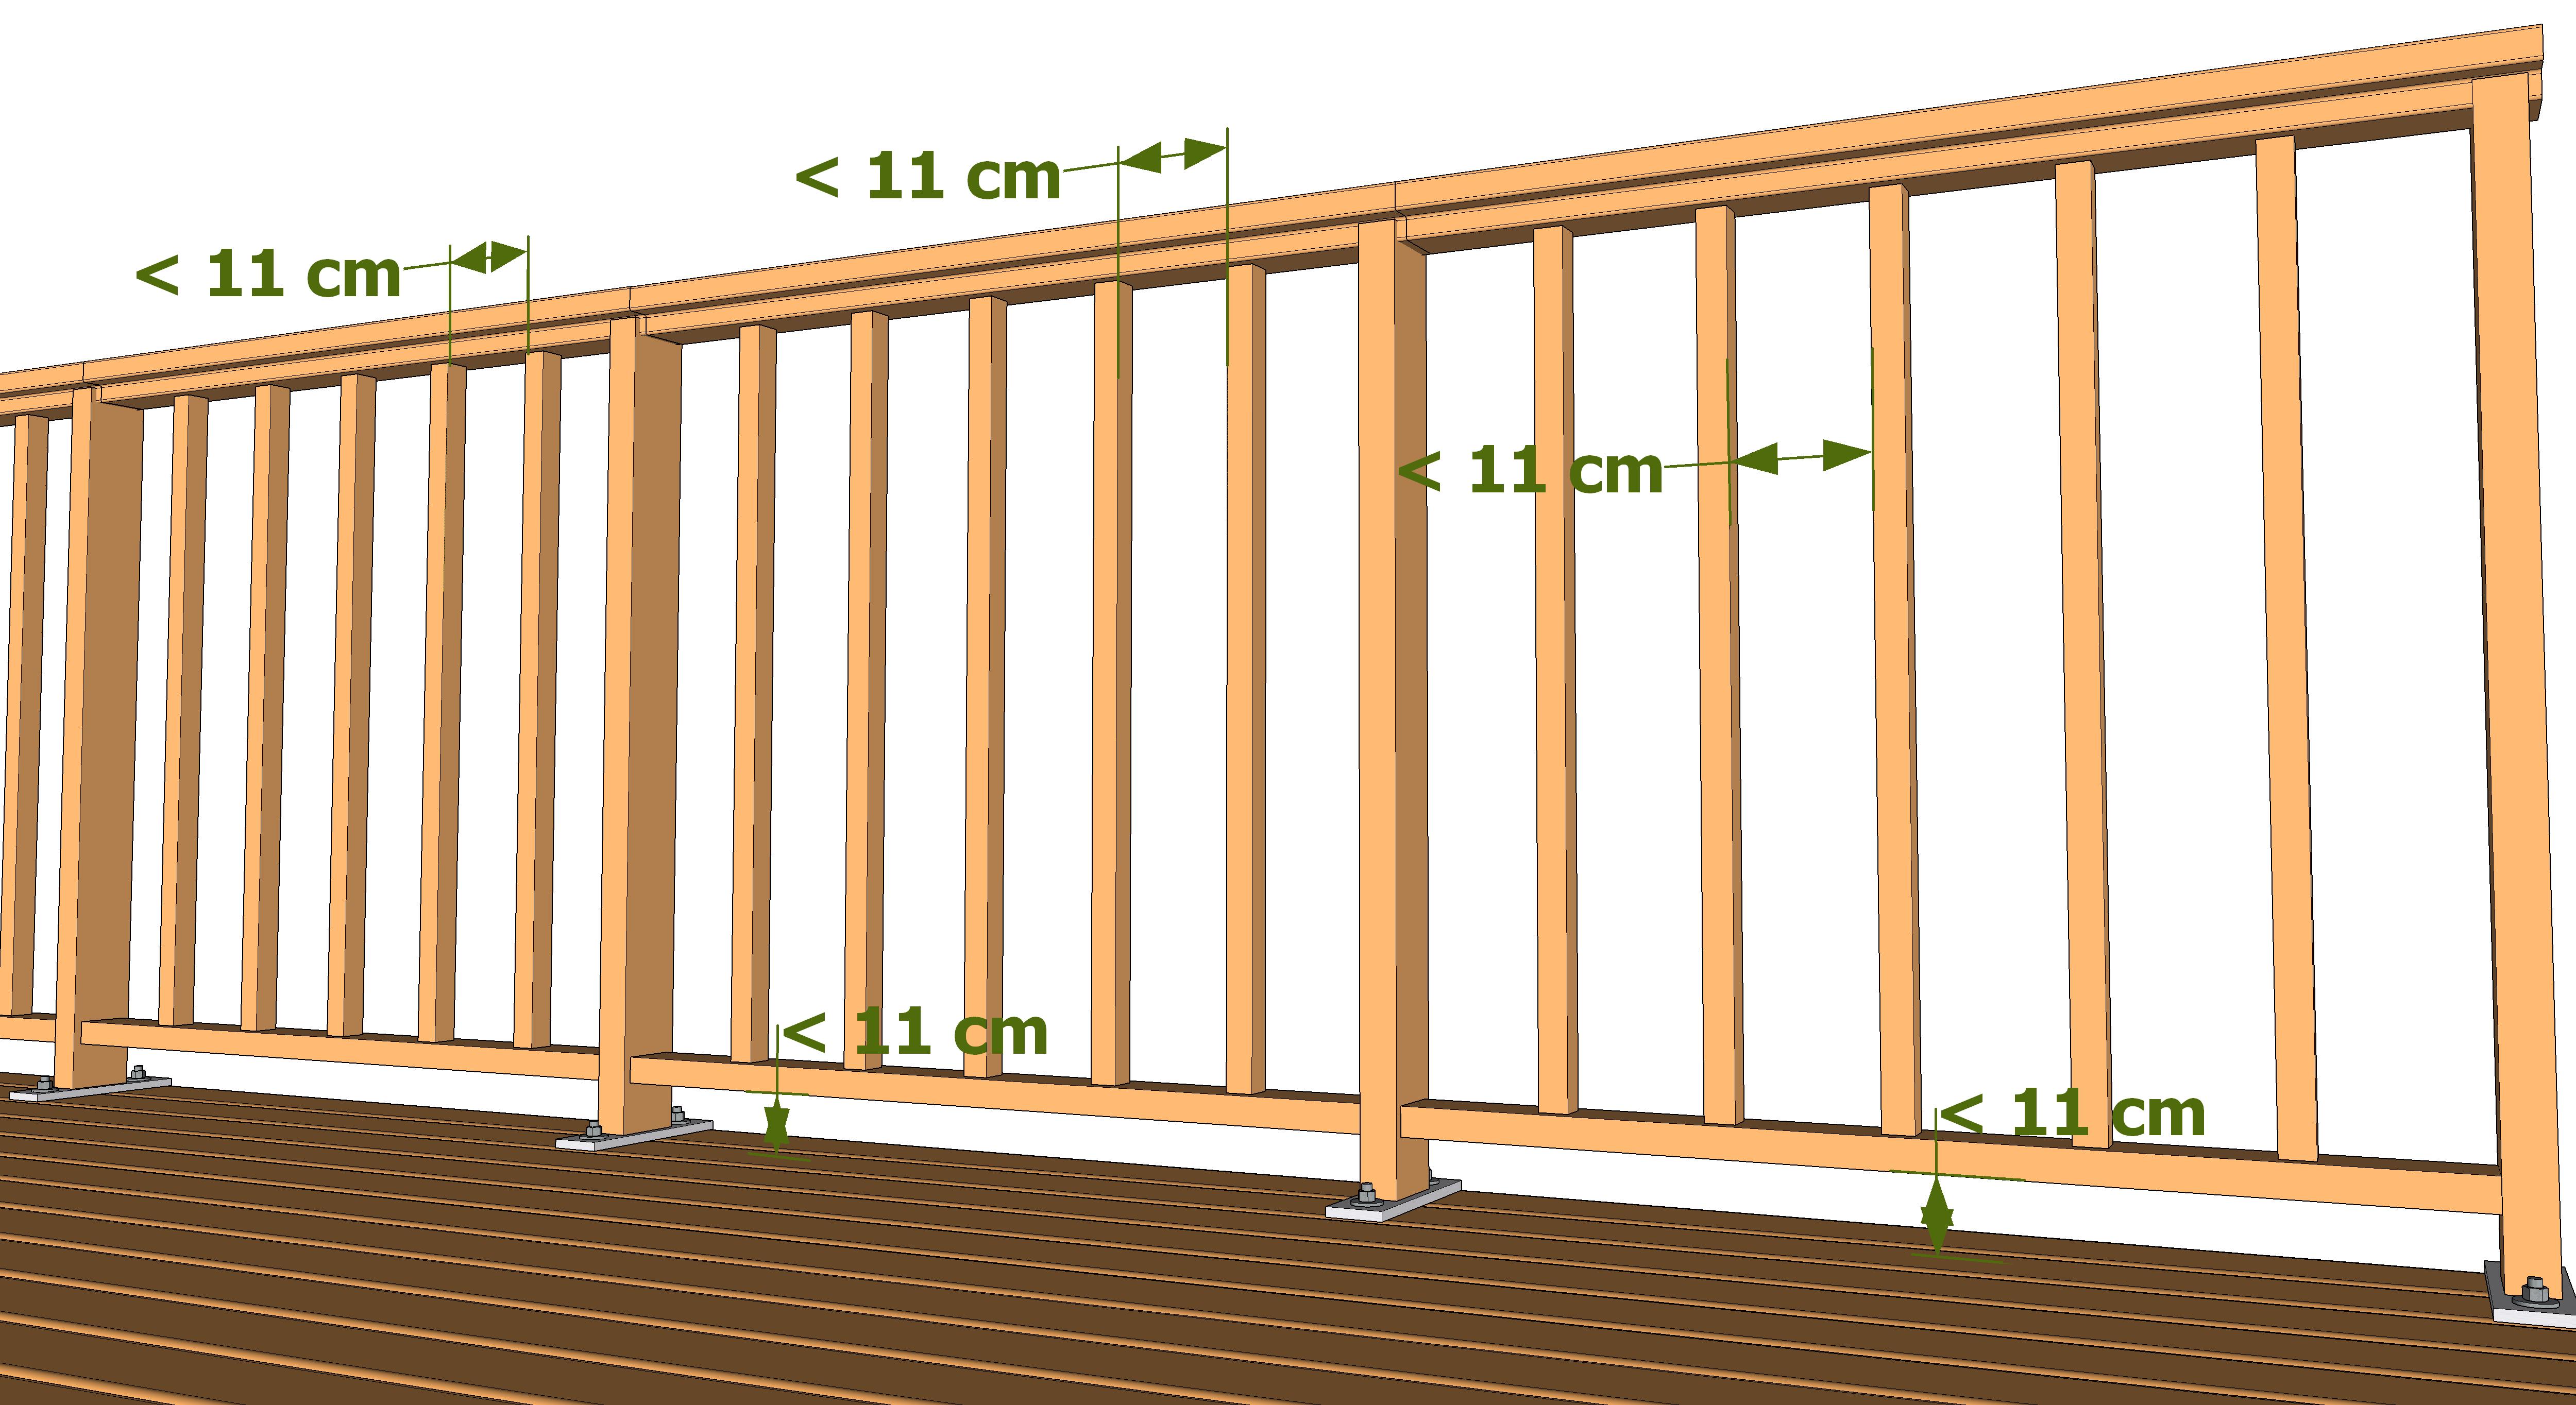 rambarde et garde corps les guides de la construction bois. Black Bedroom Furniture Sets. Home Design Ideas